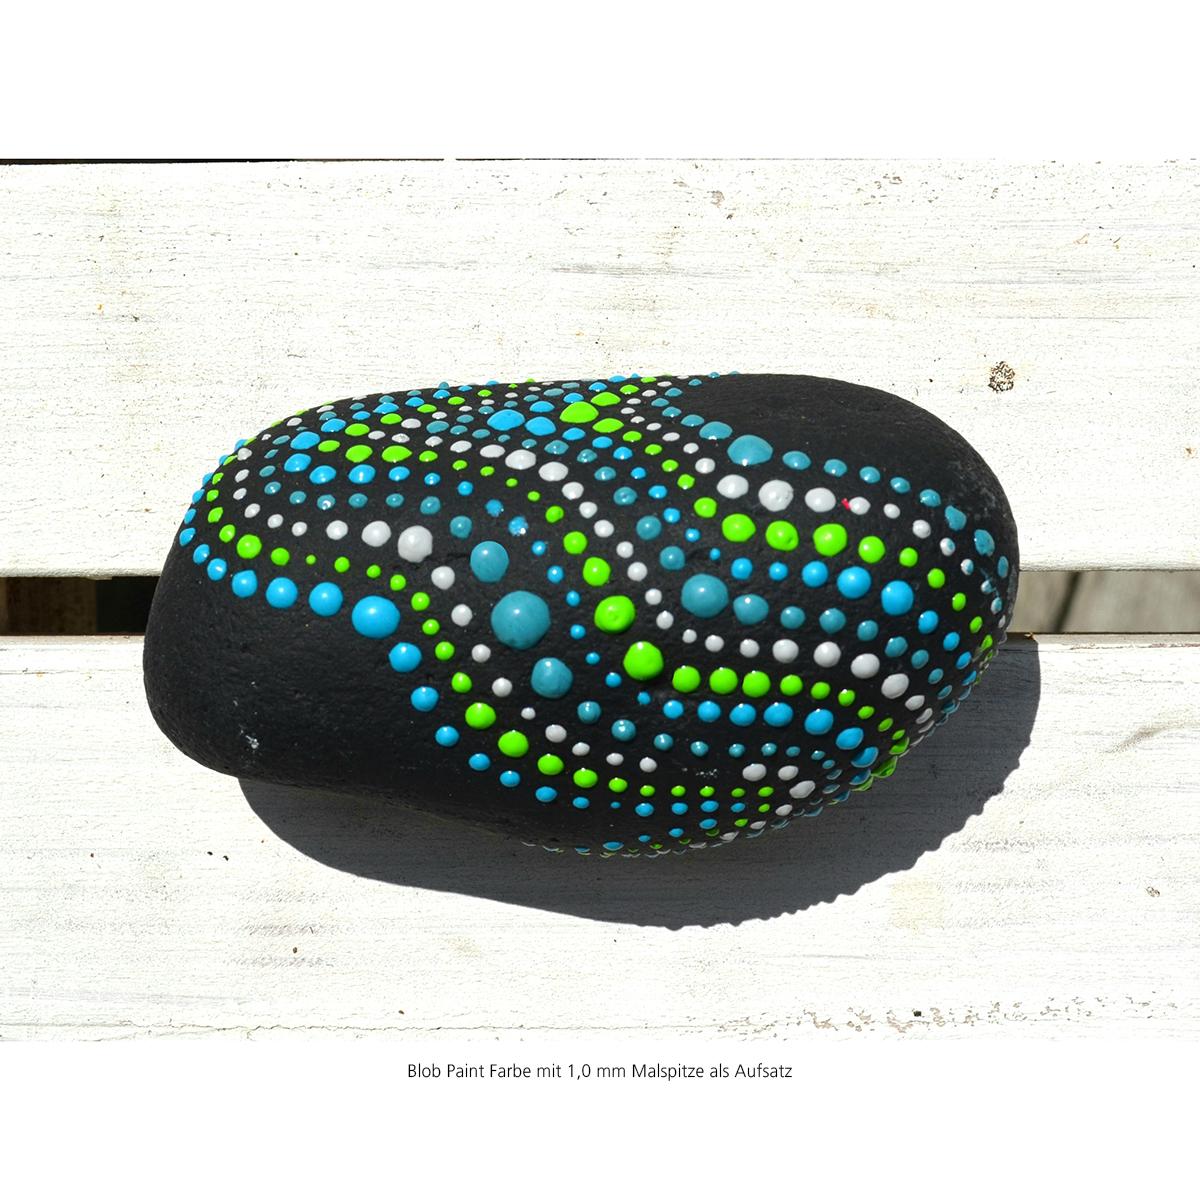 Mit Blob Paint Steine bemalen - mit einer 1,0 mm Malspitze als Aufsatz - Wellen